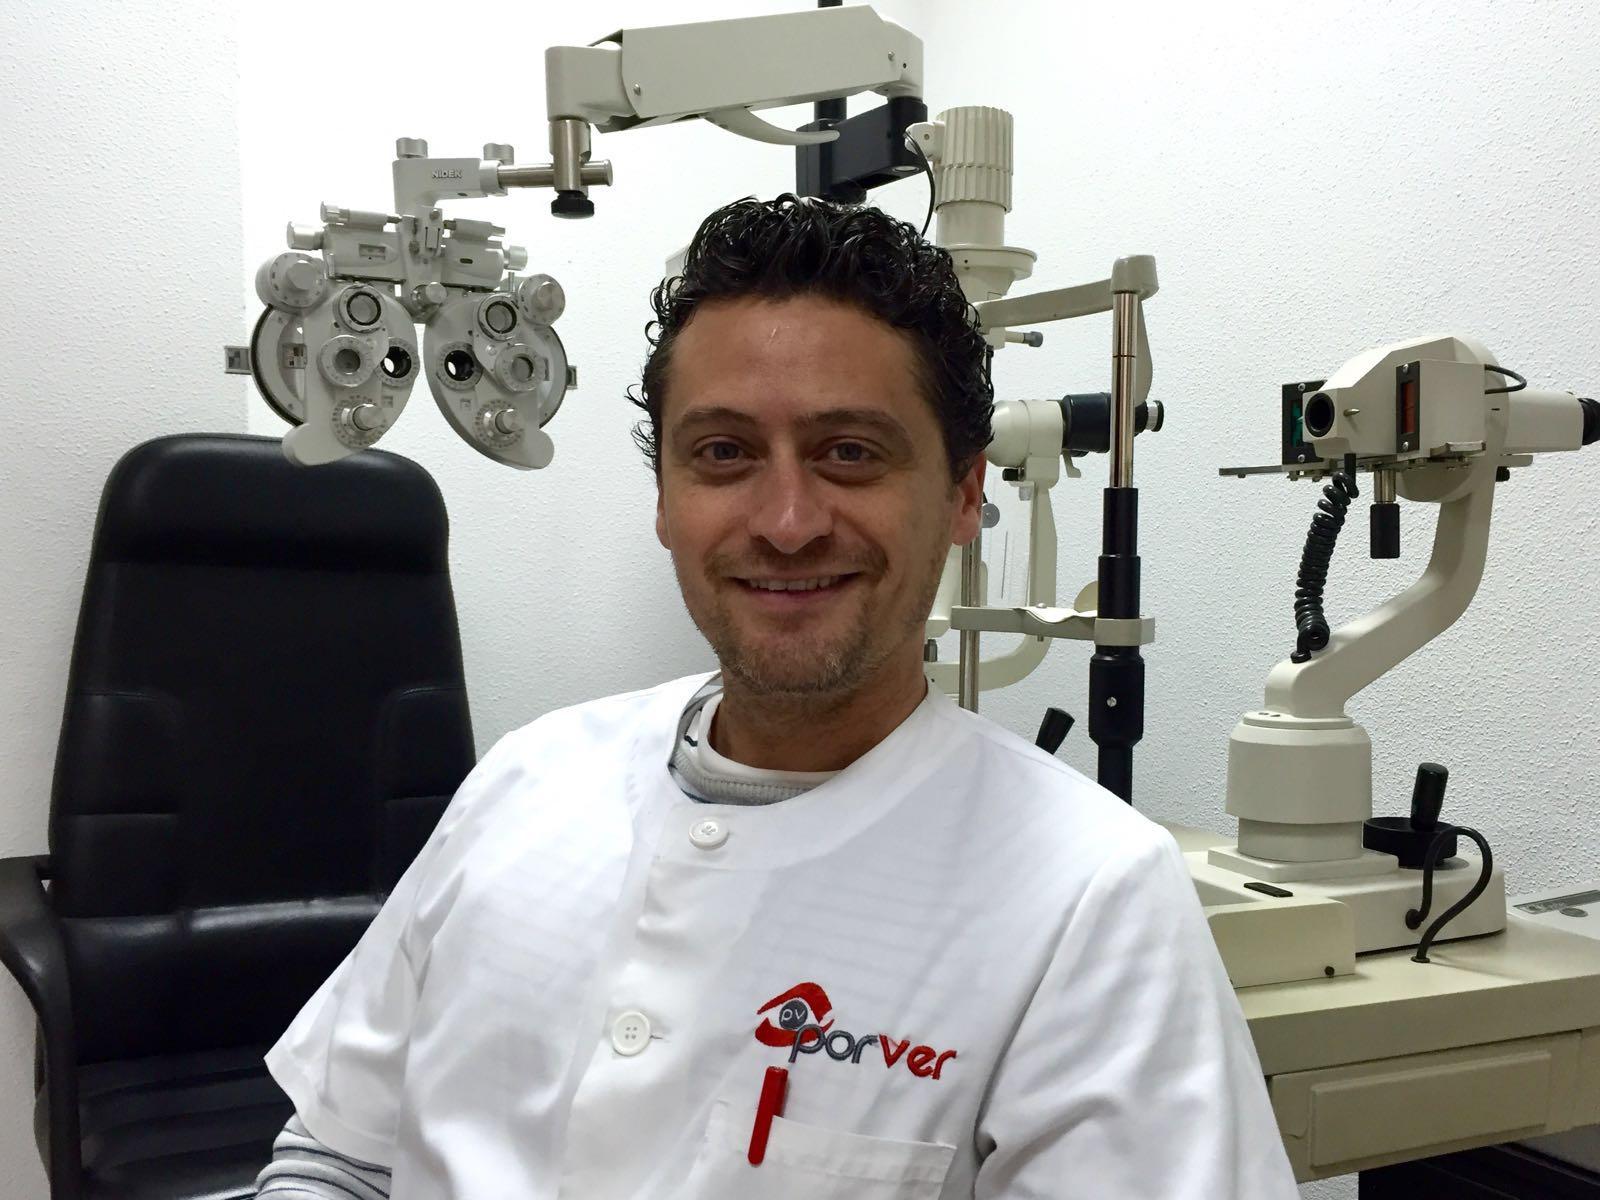 David Melian Sosa Optica Porver